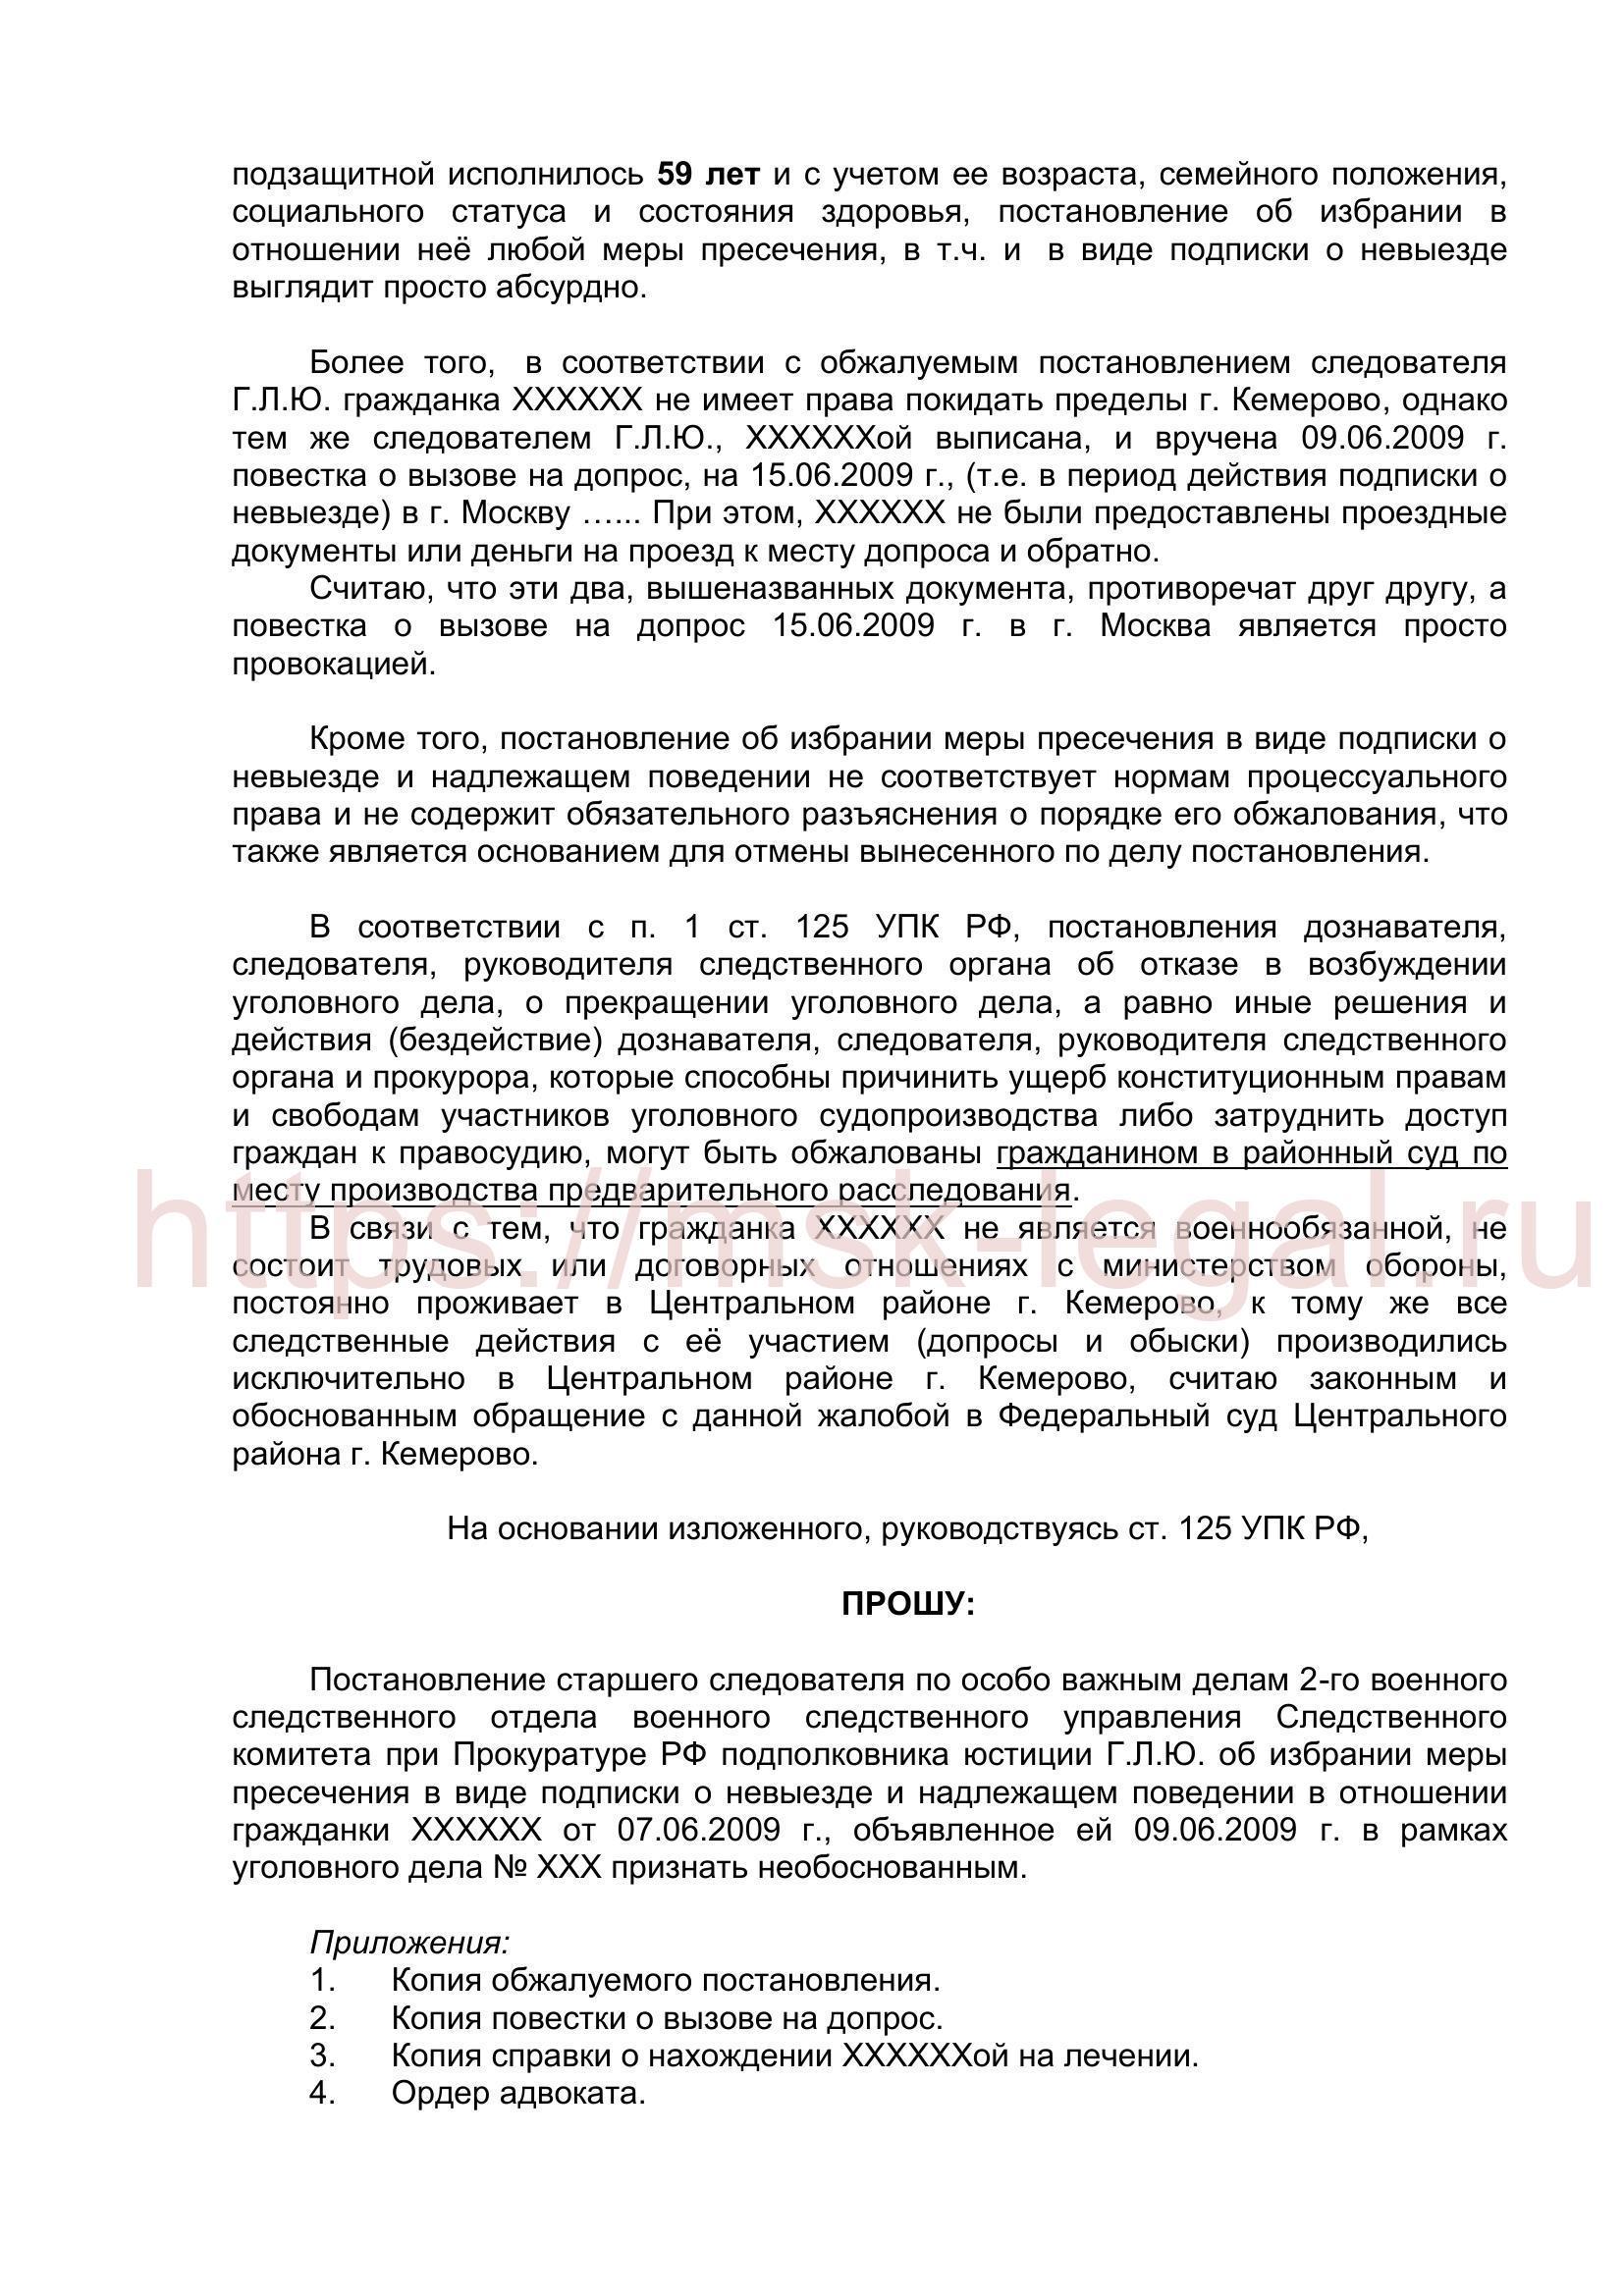 Жалоба на постановление об избрании меры пресечения в виде подписки о невыезде и надлежащем поведении